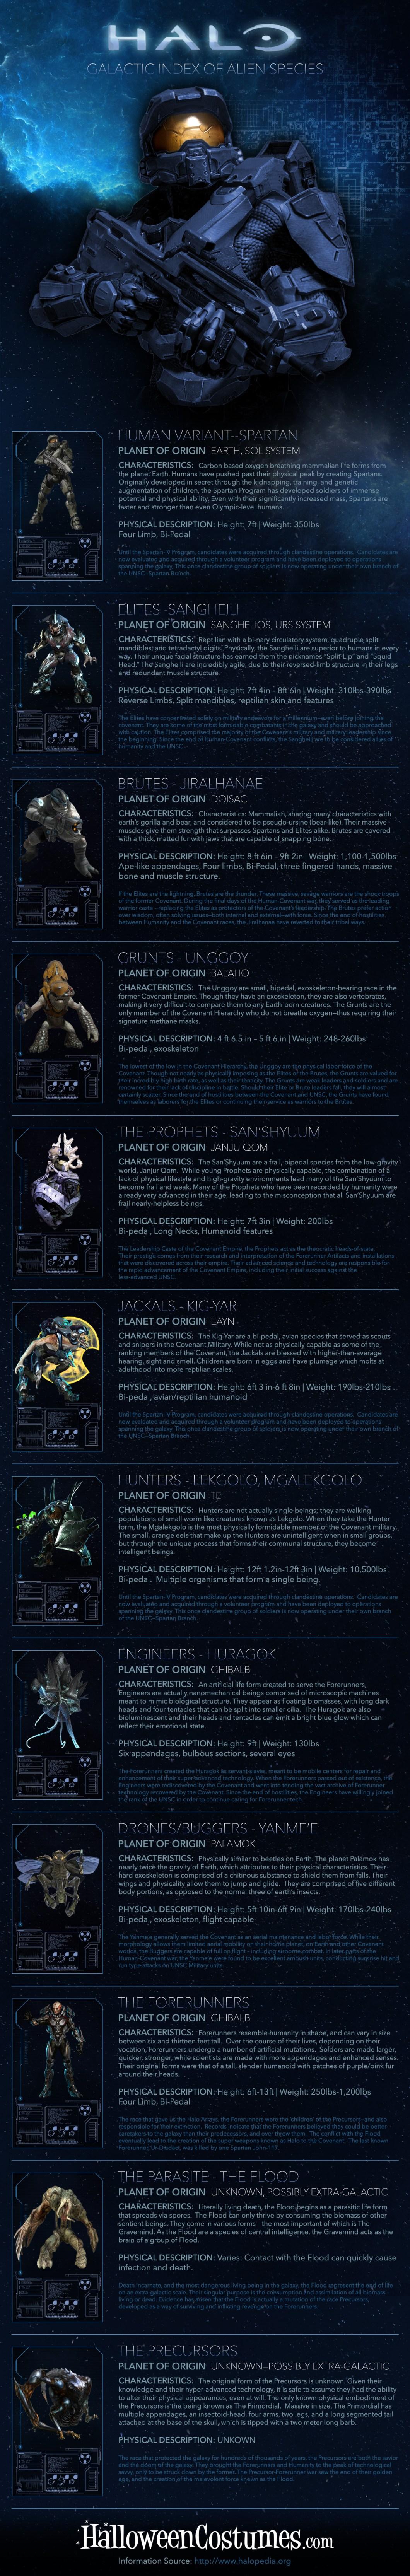 12 Alien Species Found In Halo